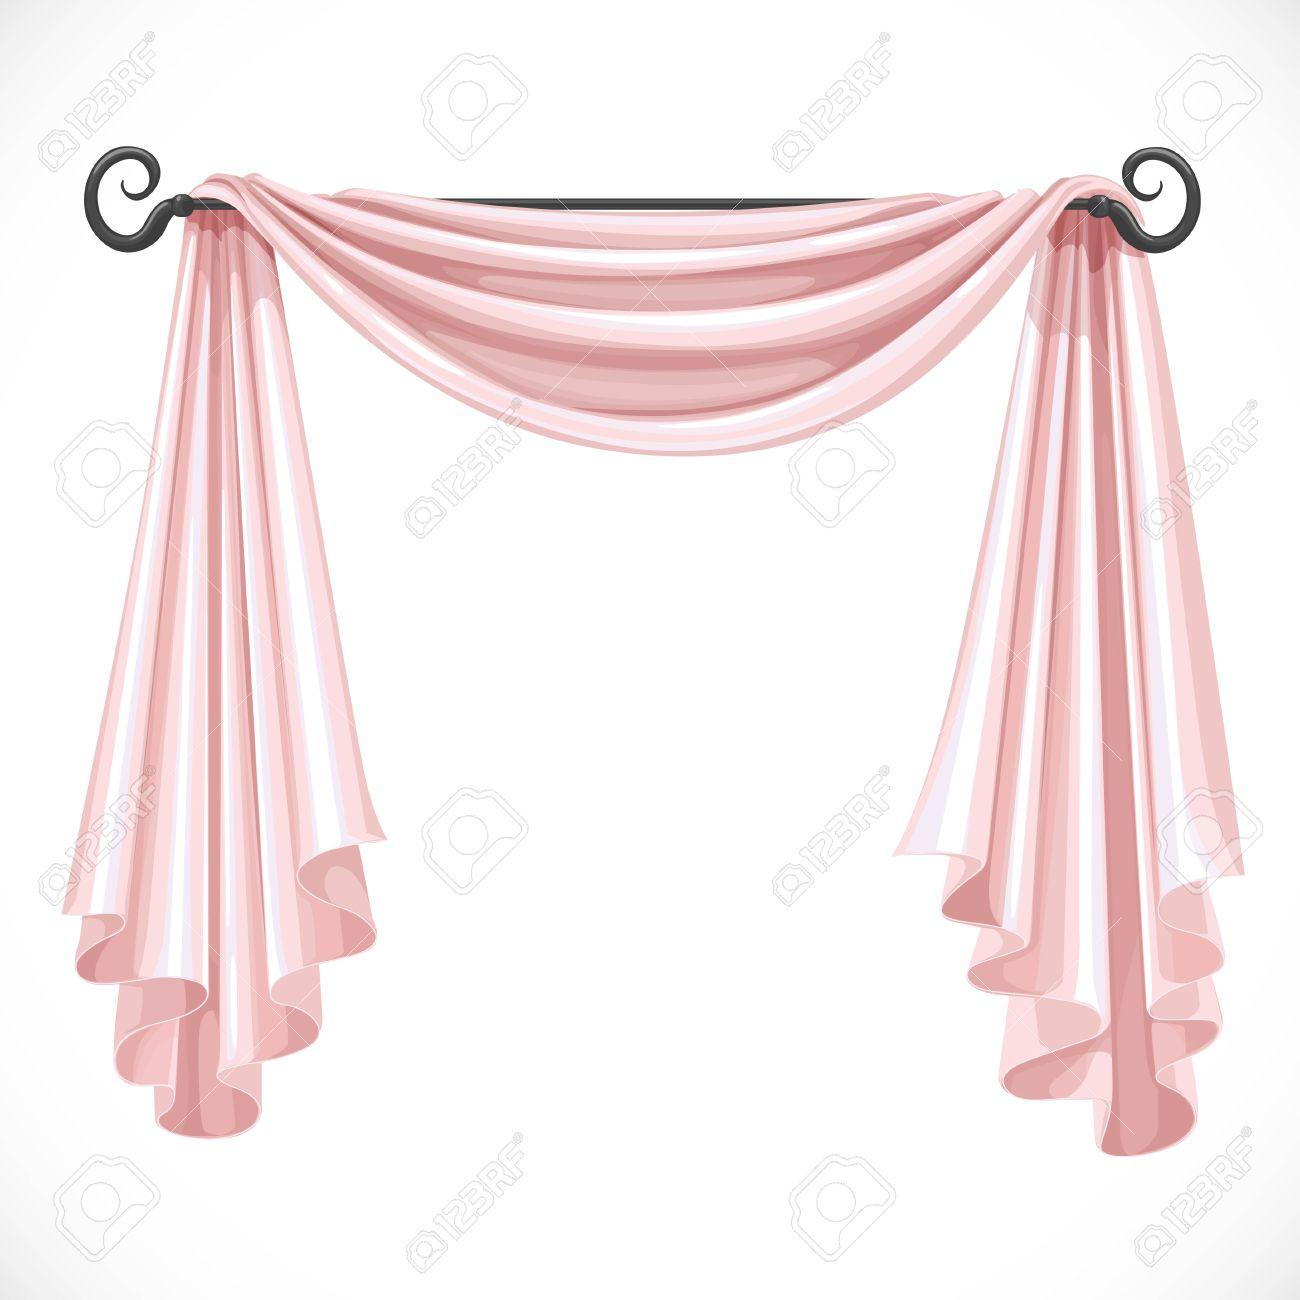 https://previews.123rf.com/images/azuzl/azuzl1504/azuzl150400001/38370718-roze-gordijnen-op-de-richel-gesmeed-ge%C3%AFsoleerd-op-een-witte-achtergrond.jpg